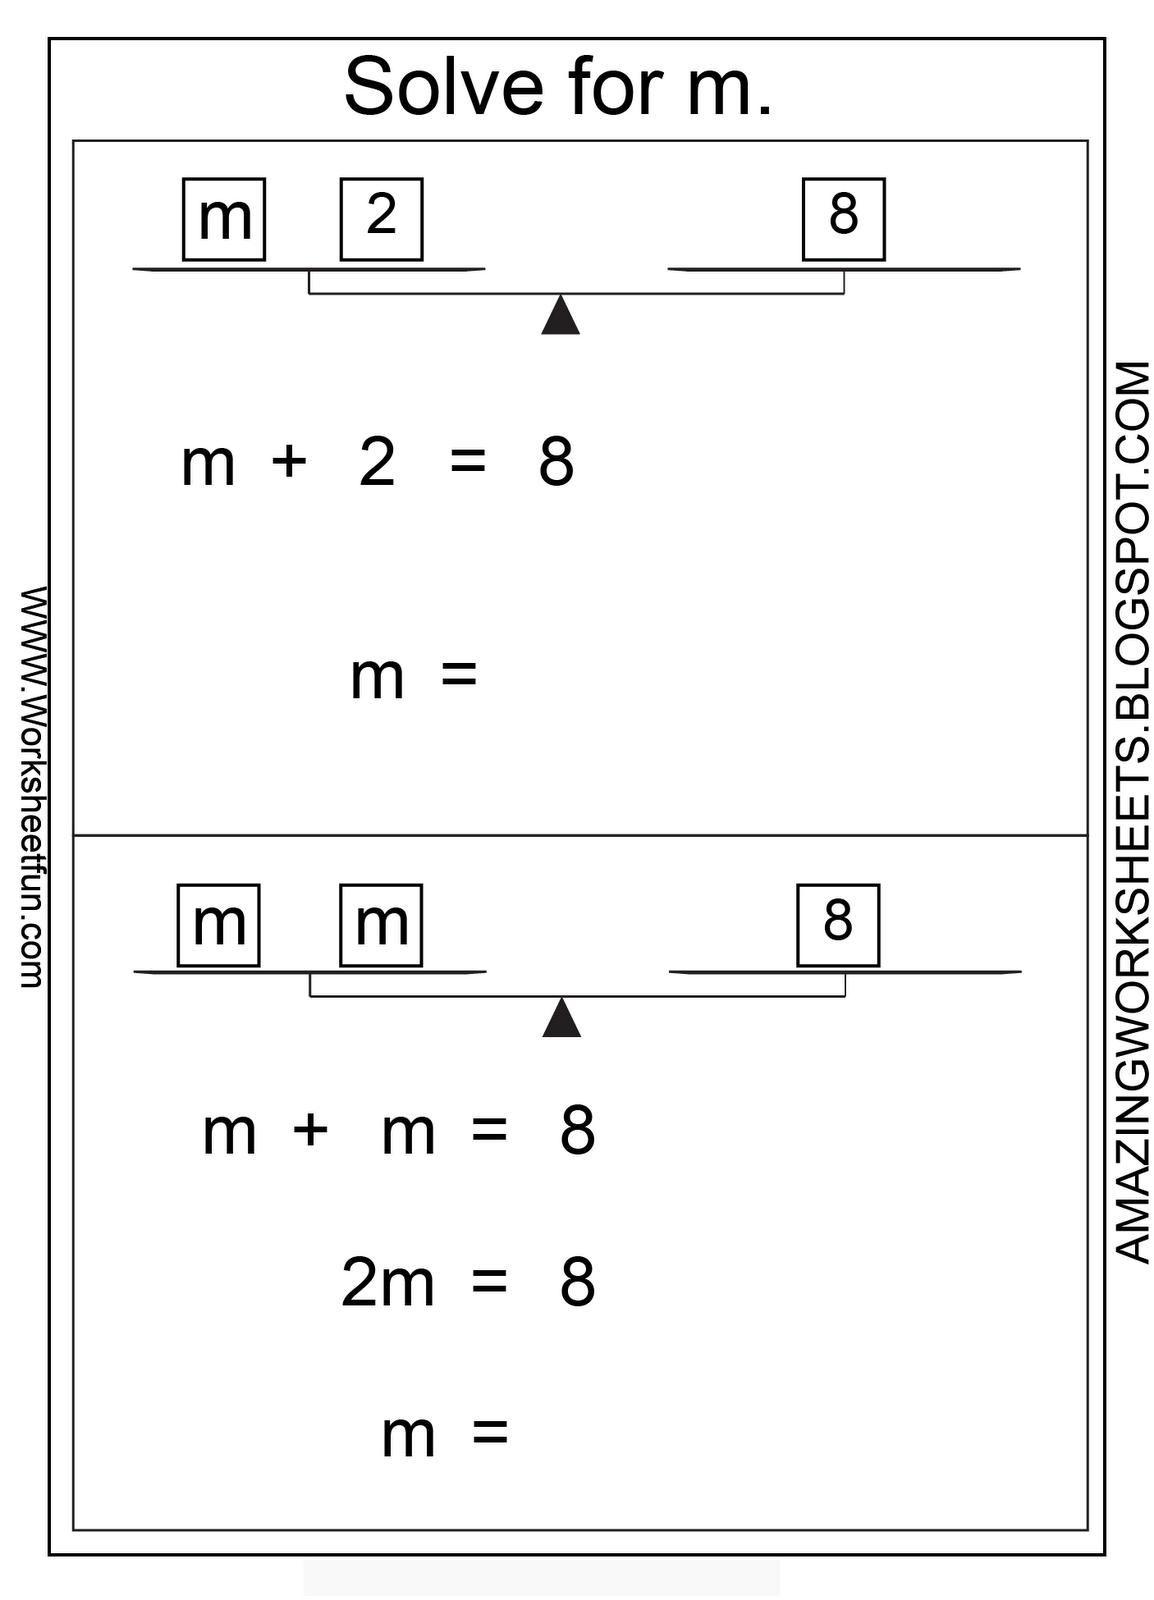 Basic Algebra - Solve for m - Solve the equation | Math 2 | Pinterest